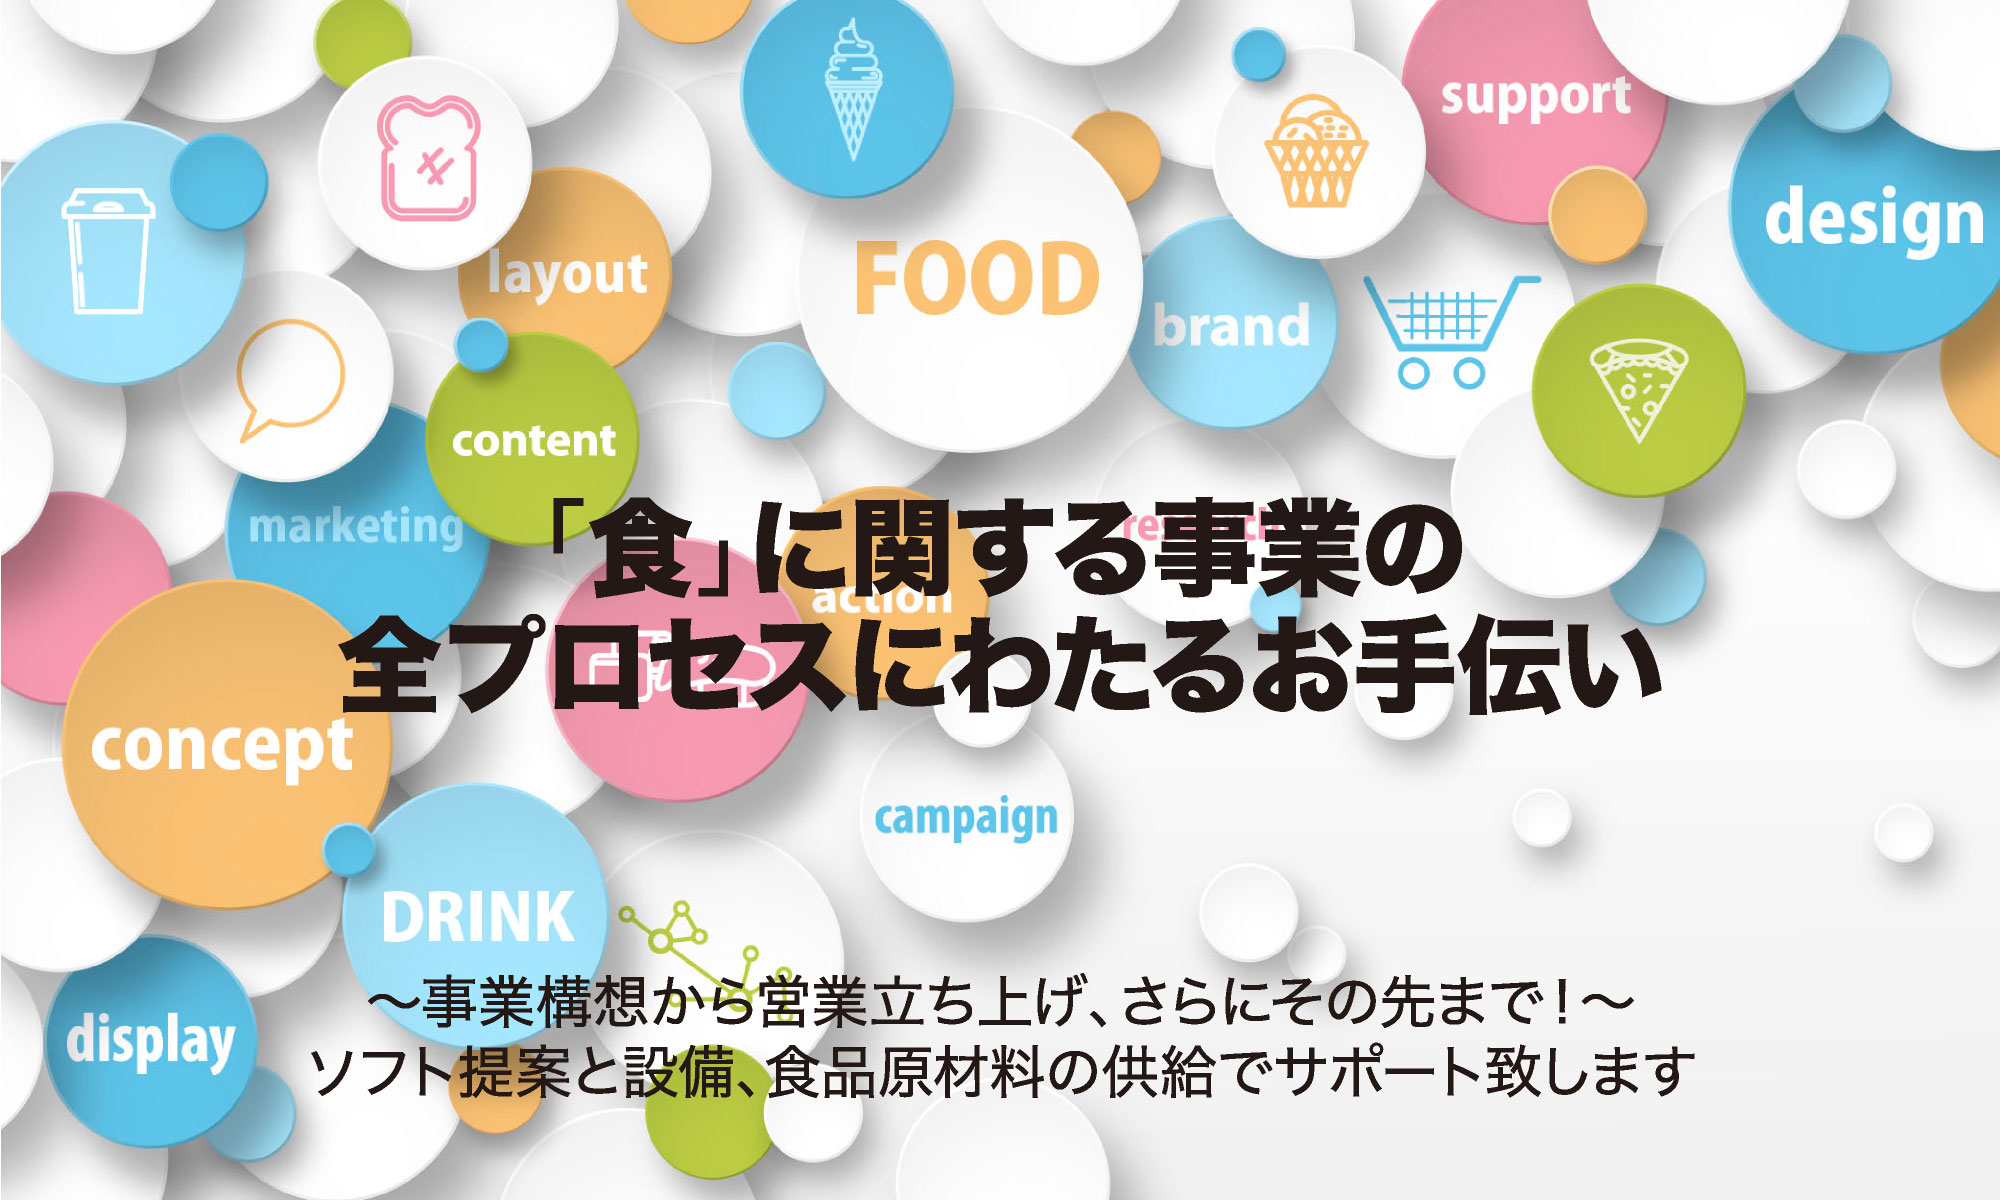 「食」に関する事業の全プロセスにわたるお手伝い 事業構想から営業立ち上げ、さらにその先まで!ソフト提案と設備、食品原材料の供給でサポート致します